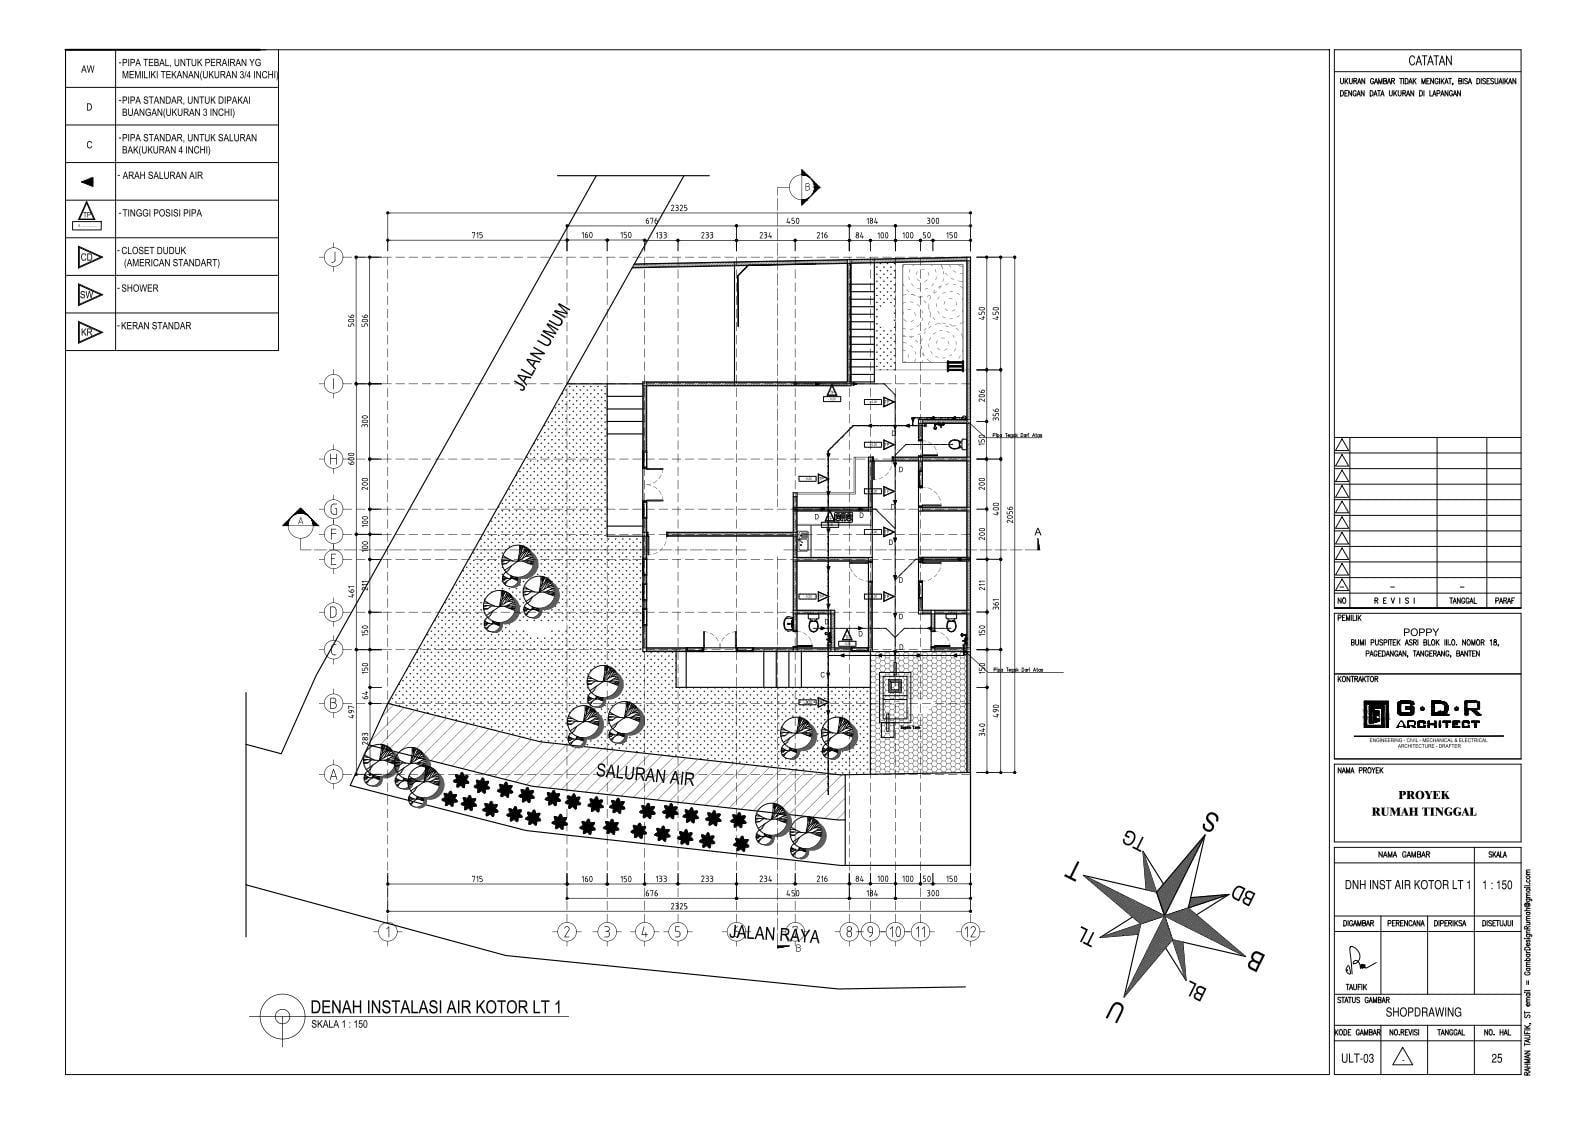 Jasa Desain Rumah Contoh Paket Gambar Kerja 25 DENAH INSTALASI AIR KOTOR LT 1